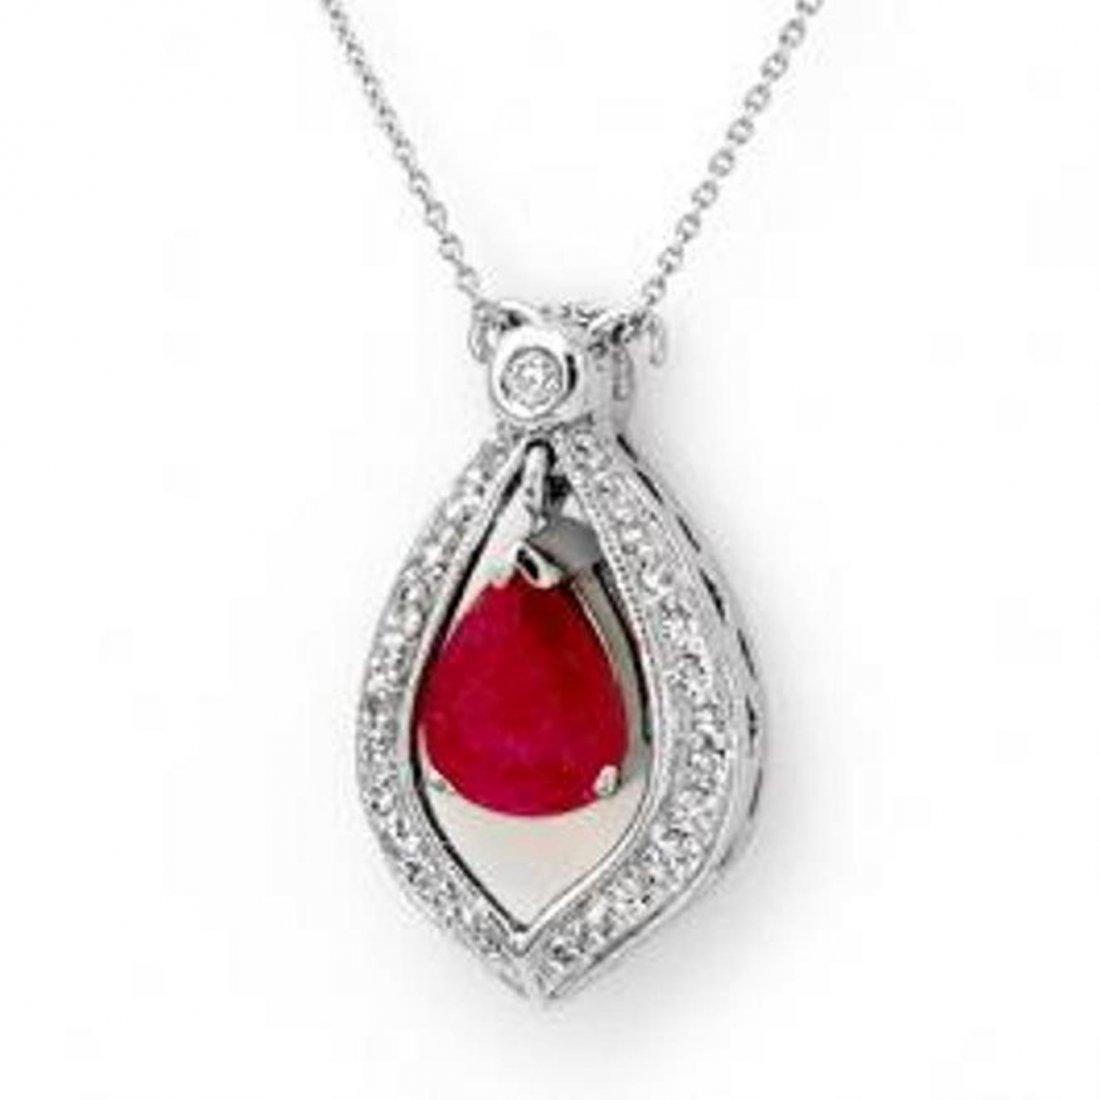 3W: 4.4 ctw Ruby & Diamond Necklace